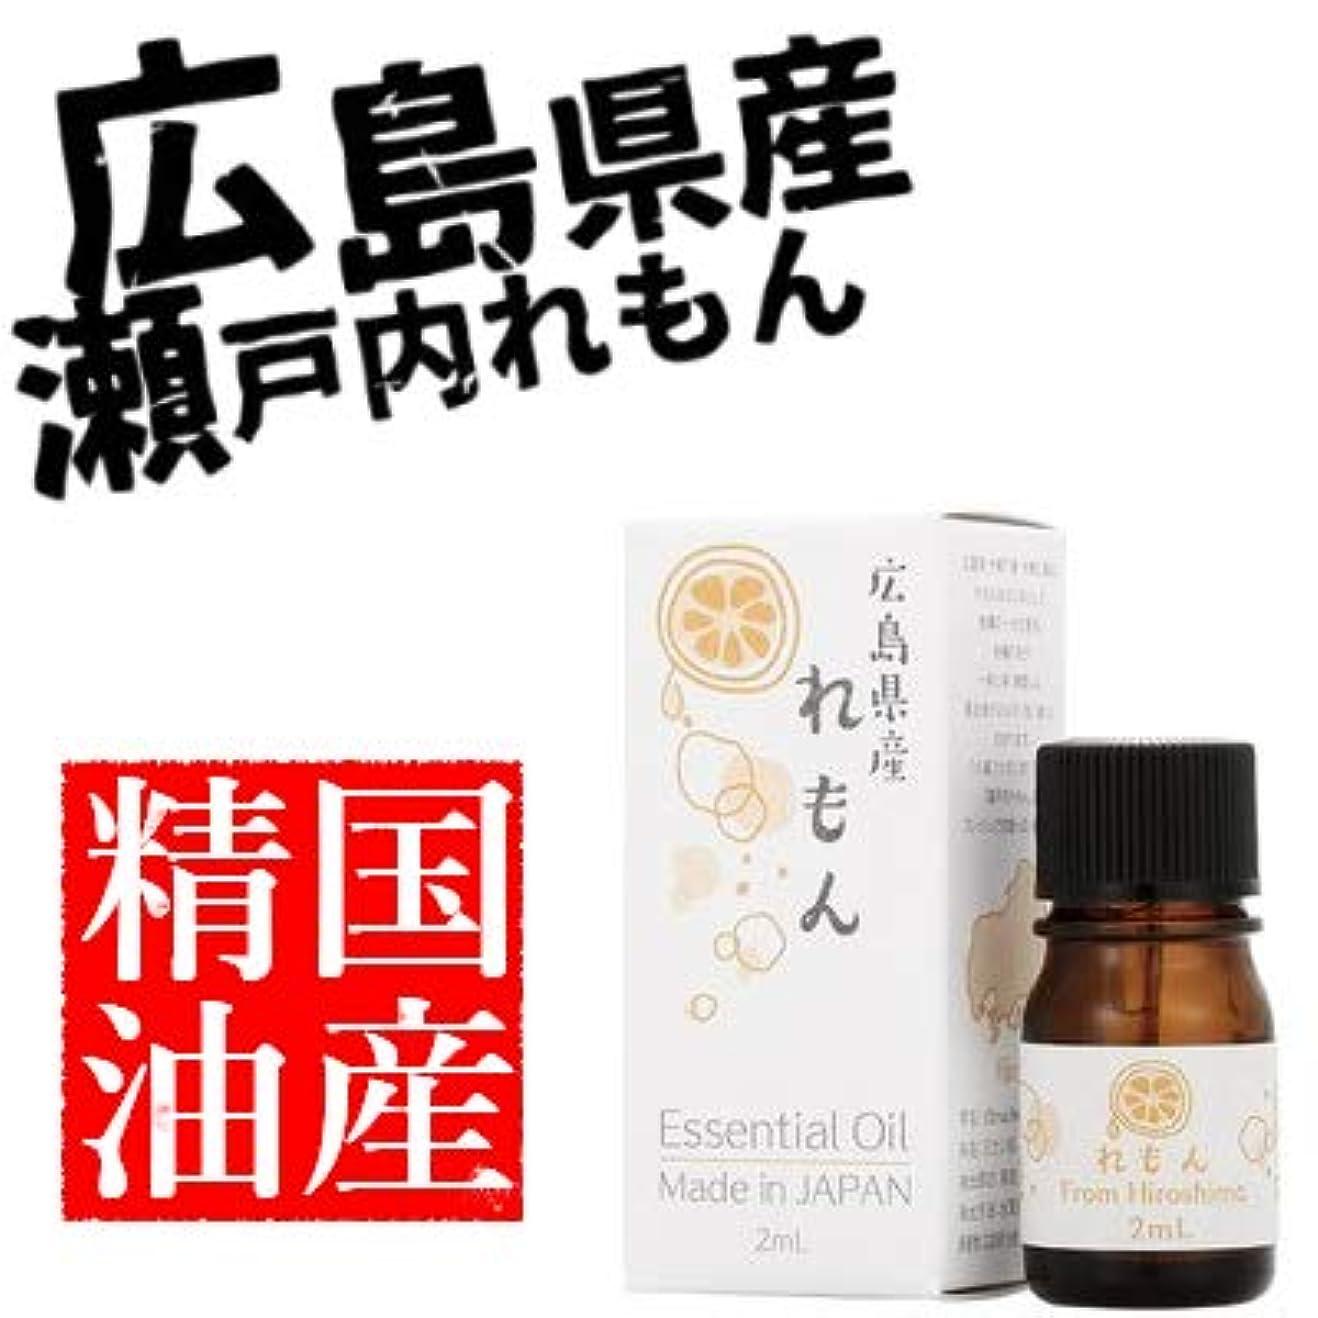 くすぐったい合図相関する日本の香りシリーズ エッセンシャルオイル 国産精油 (れもん)